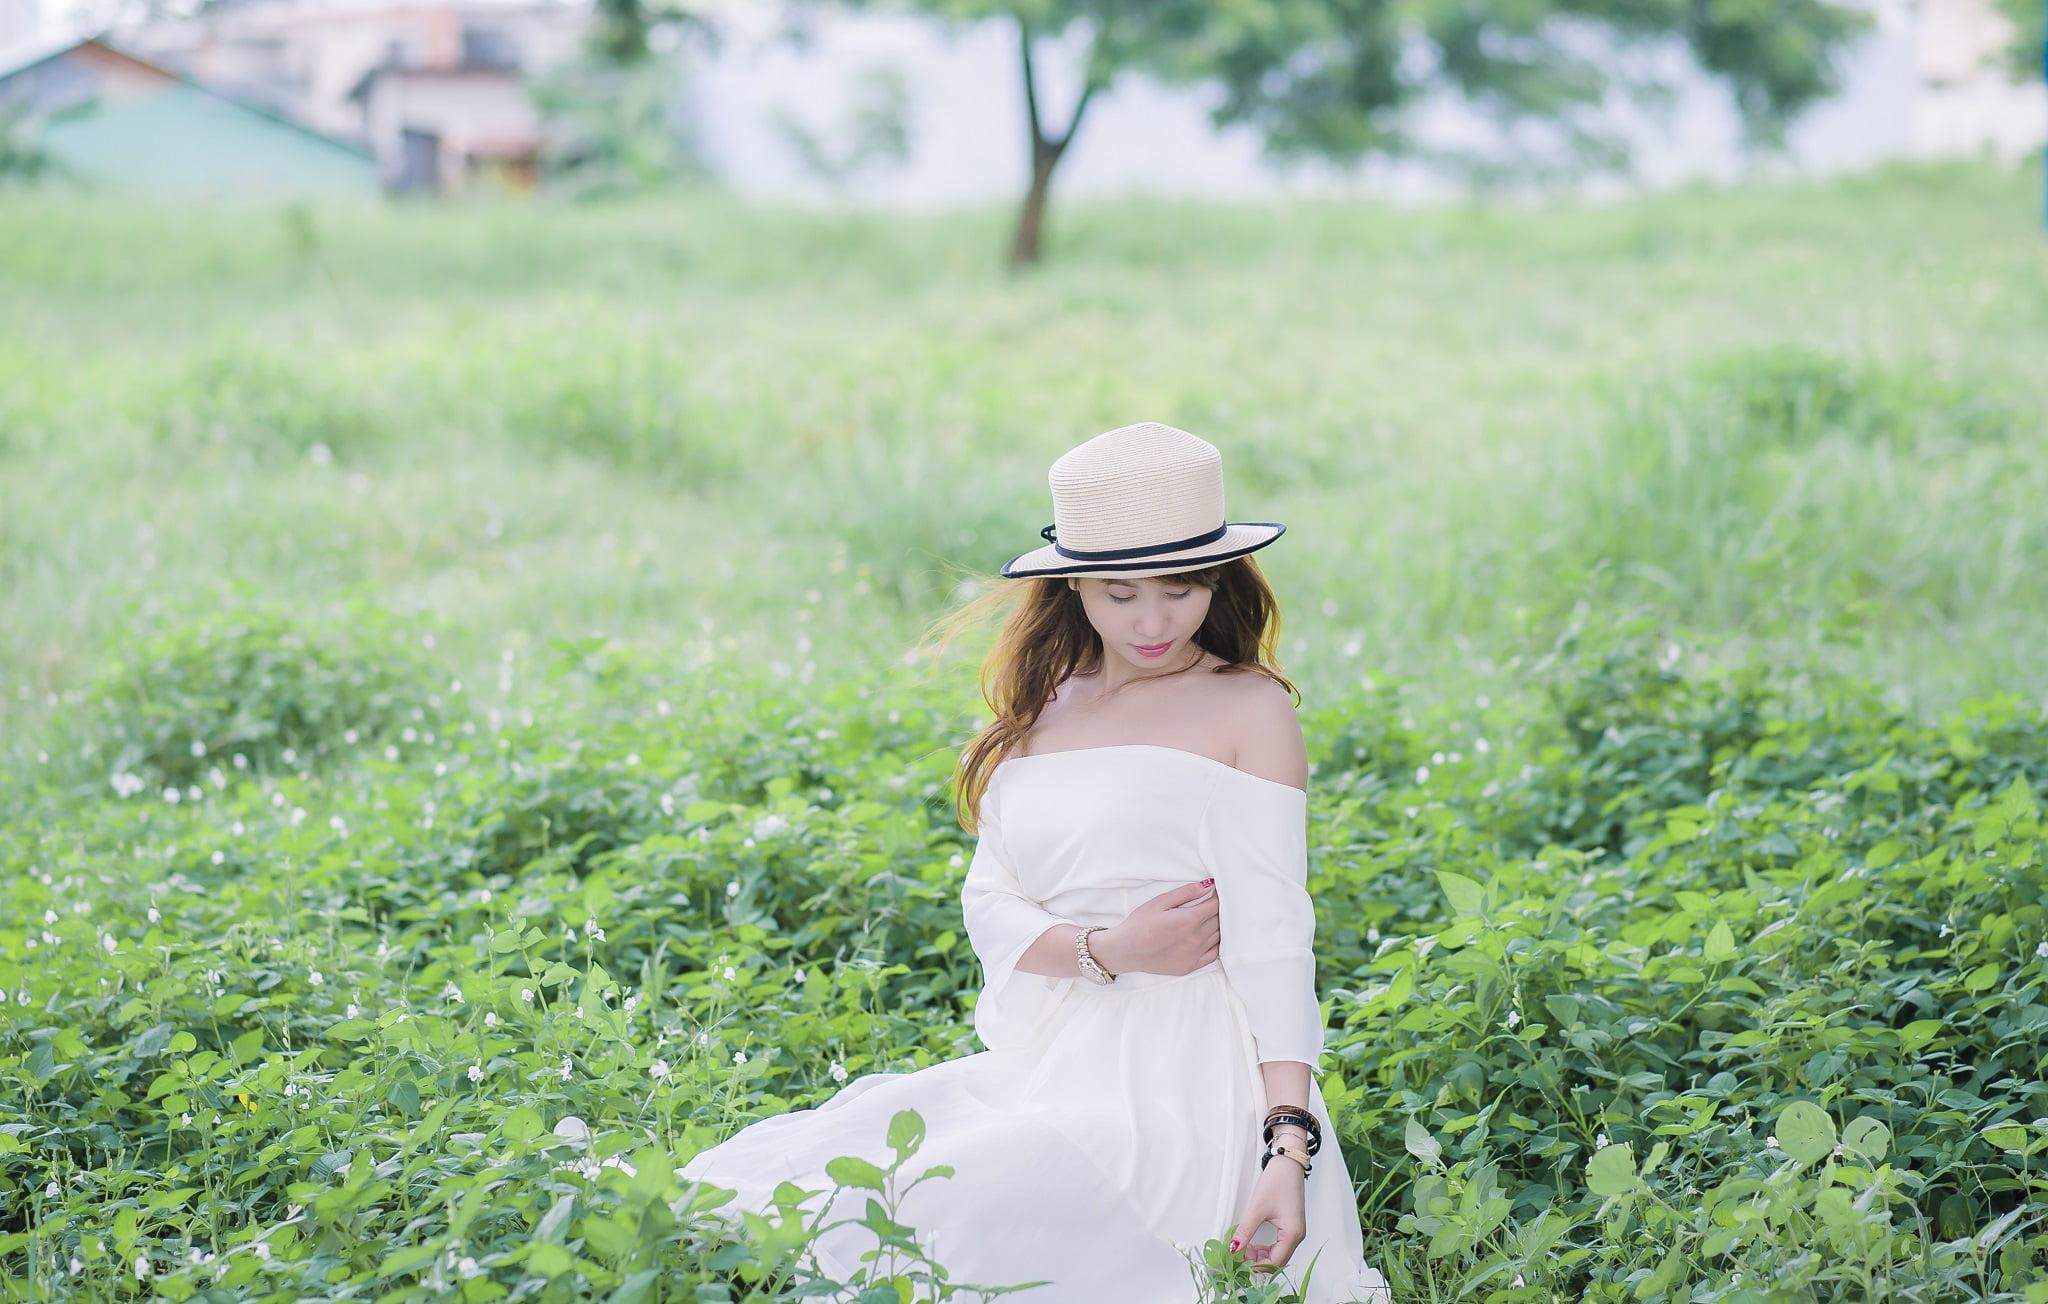 FB be dinh3 - Ảnh chụp với cỏ lau Đảo Kim Cương, Quận 2